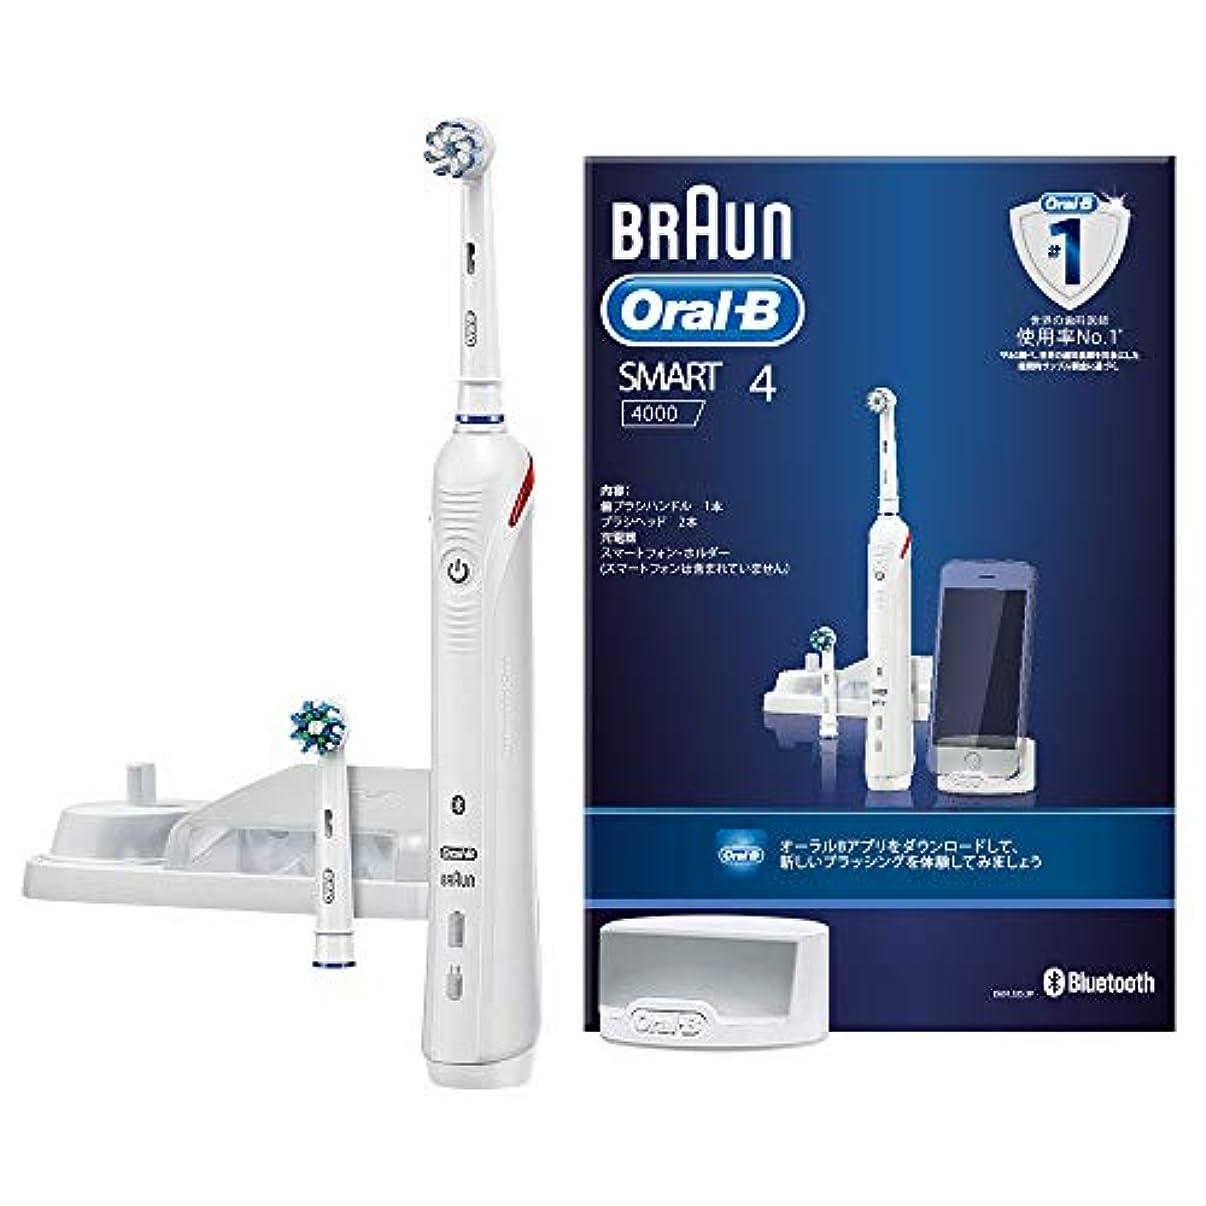 逃げる揃えるみがきますブラウン オーラルB 電動歯ブラシ スマート4000 D6015253P